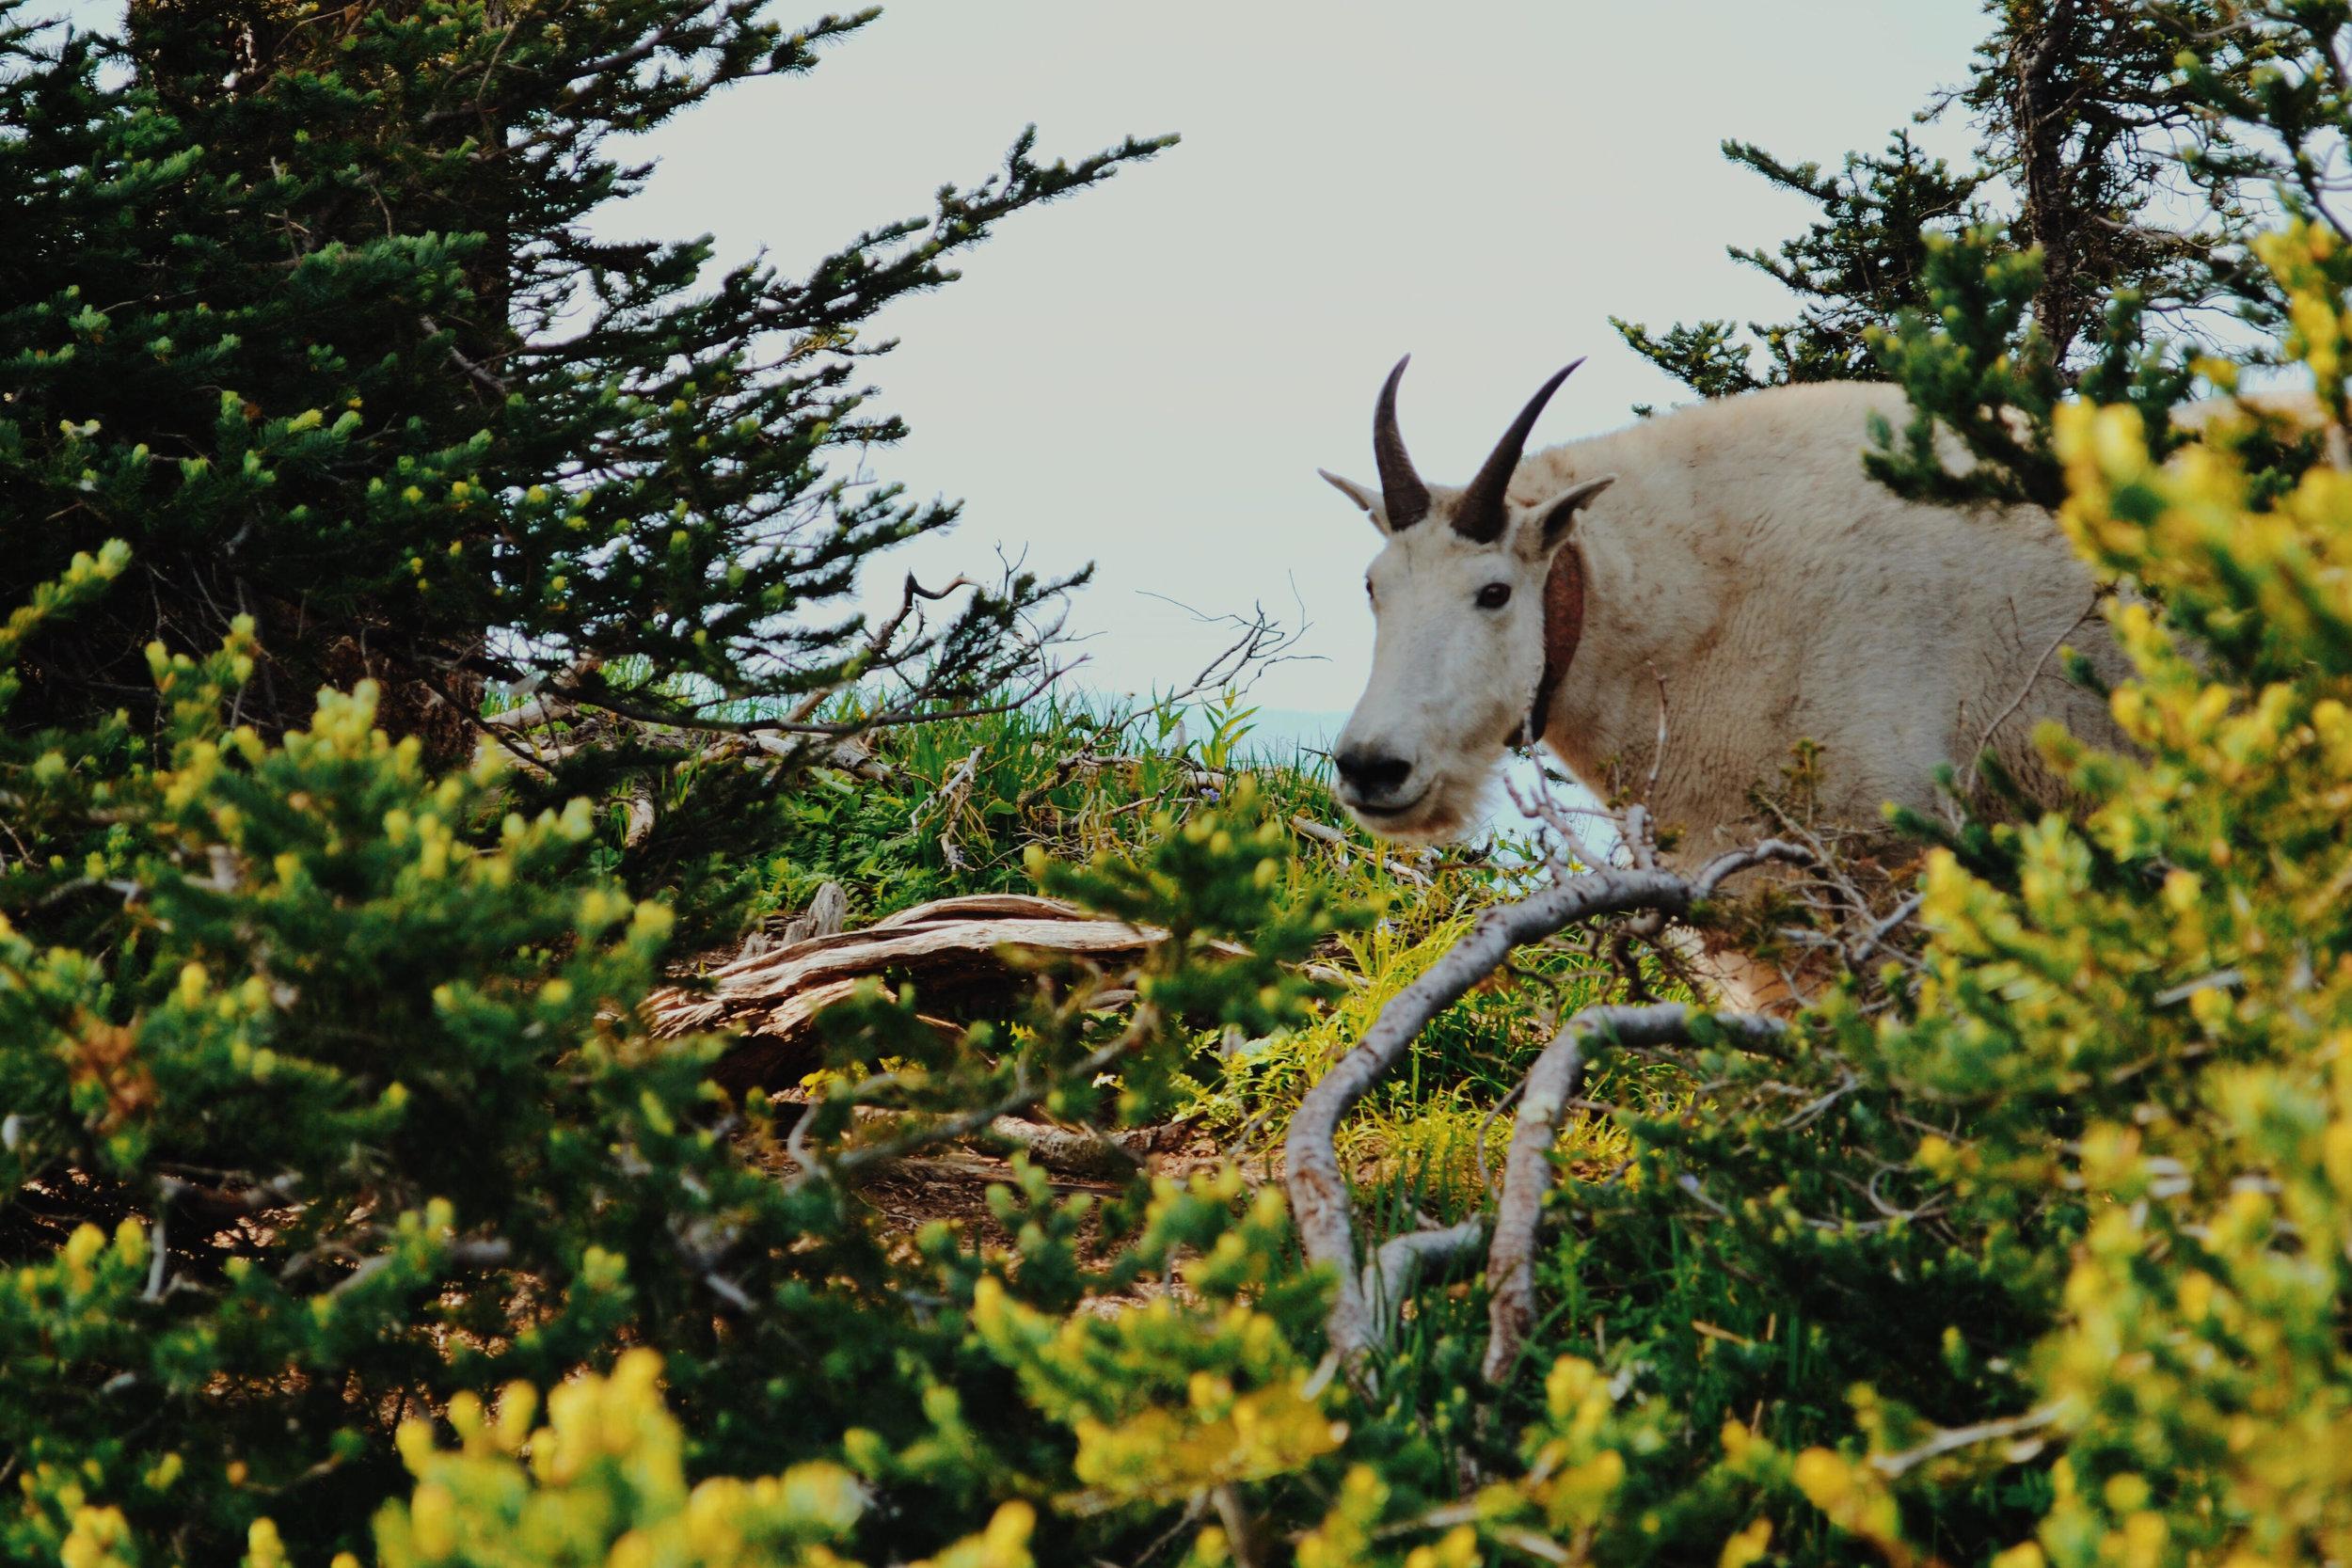 unnamed goat.jpg